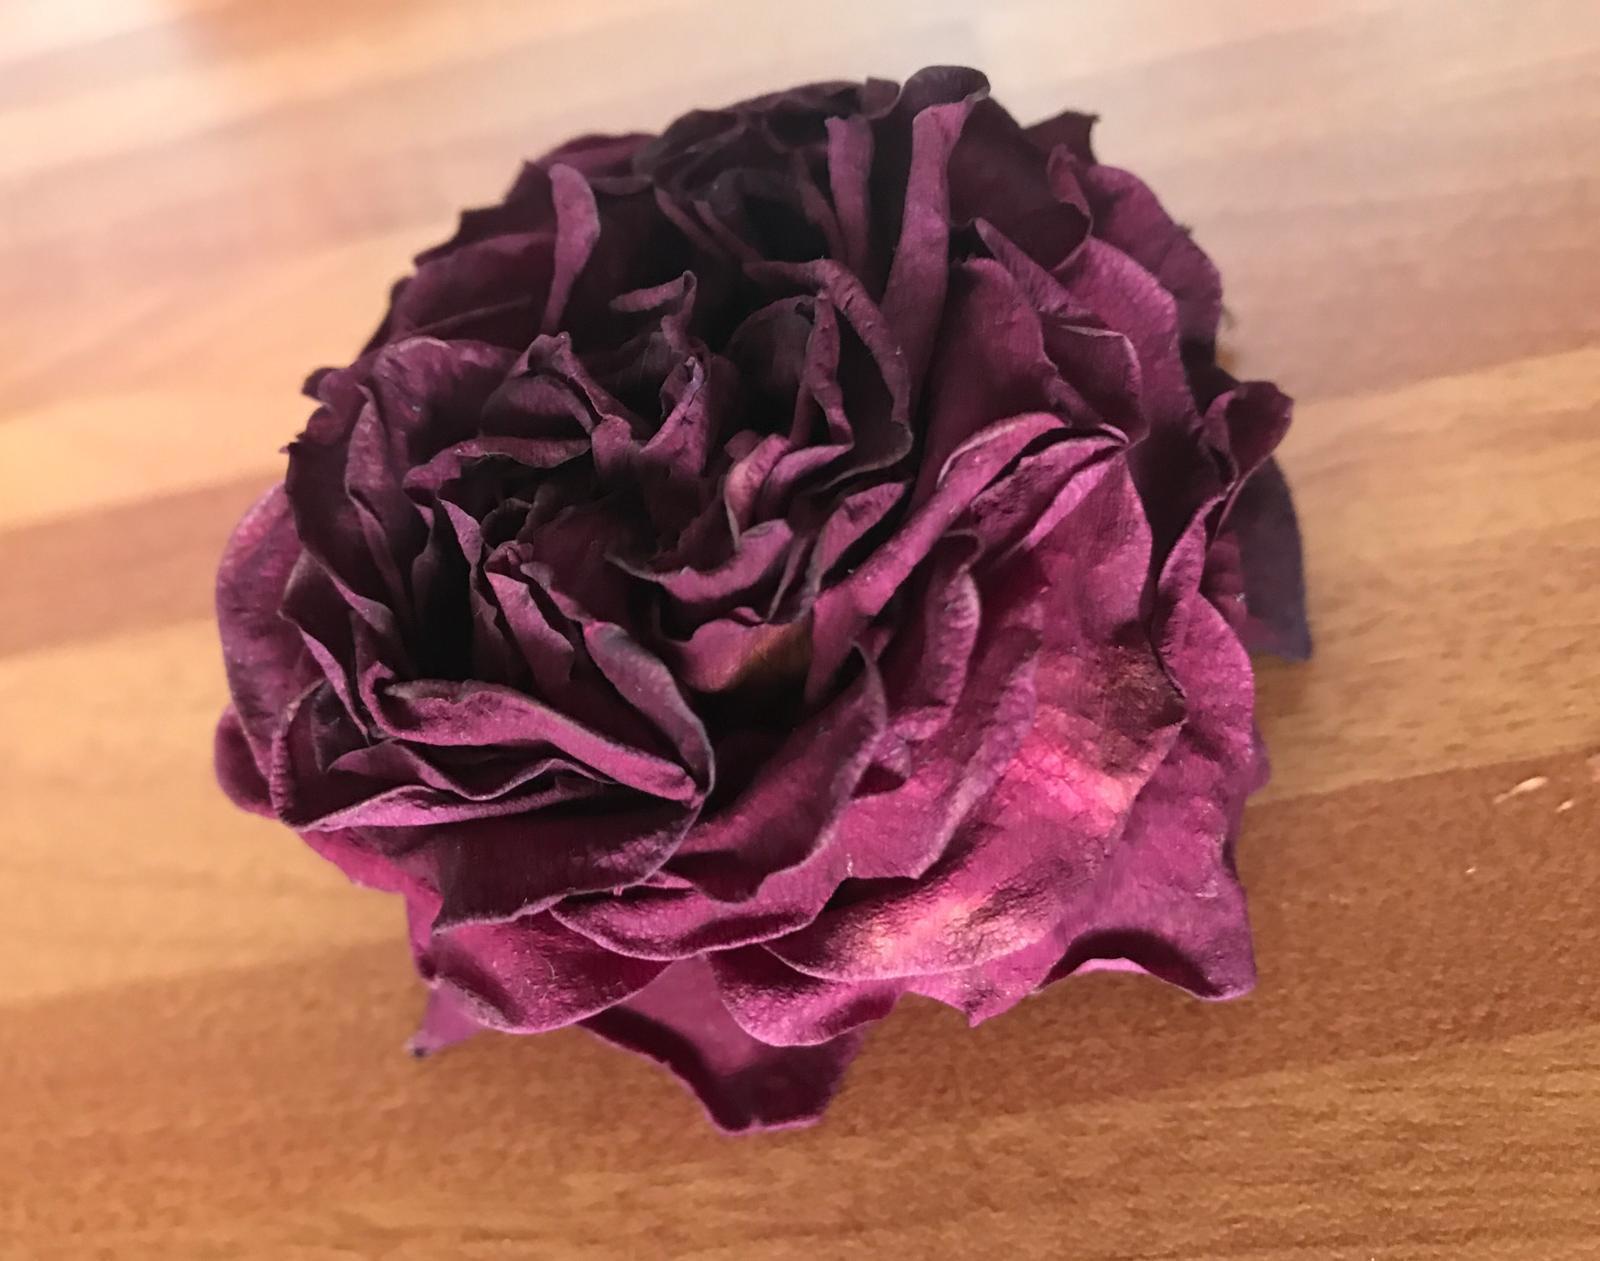 Rosa essiccata